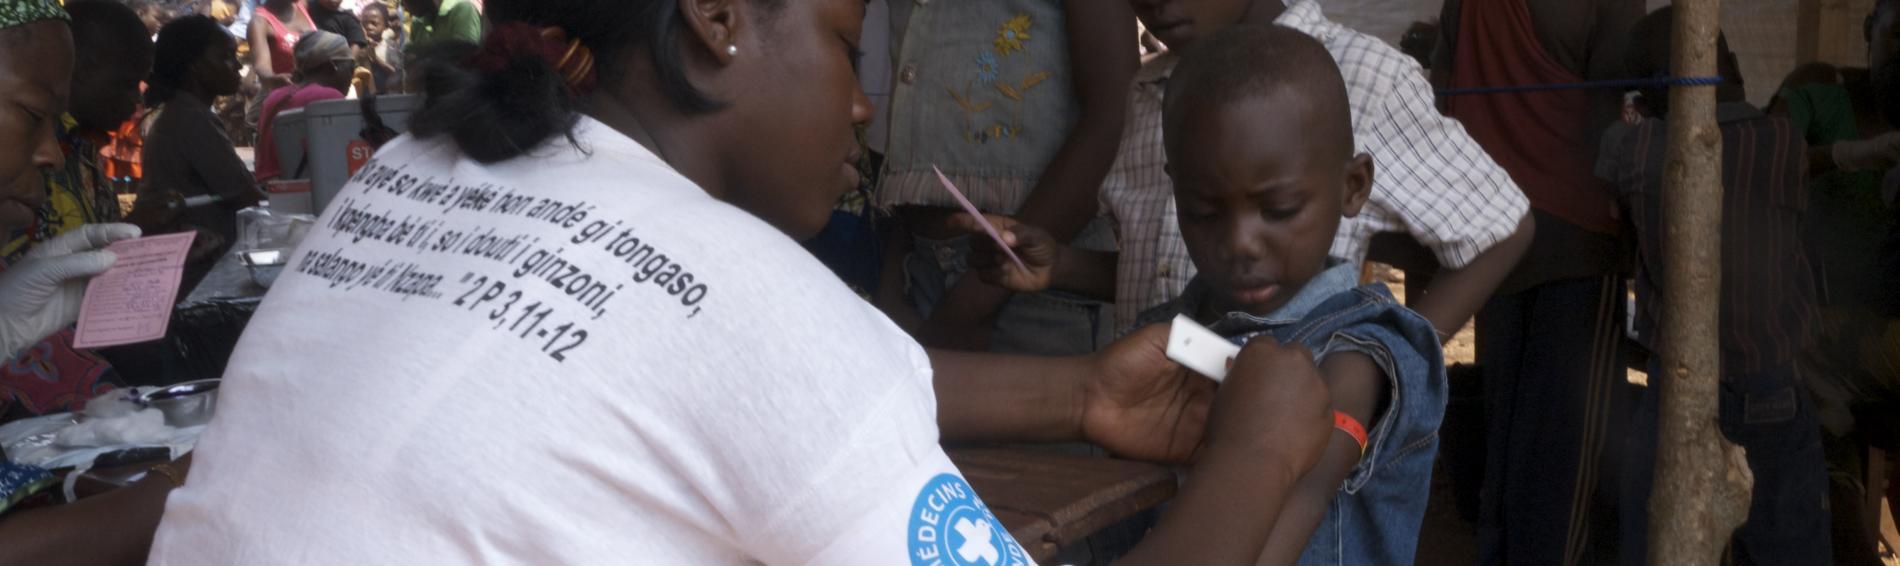 Eine Helferin untersucht einen Jungen mithilfe des MUAC-Bandes zur Feststellung von Mangelernährung. Foto: Christophe Garcot